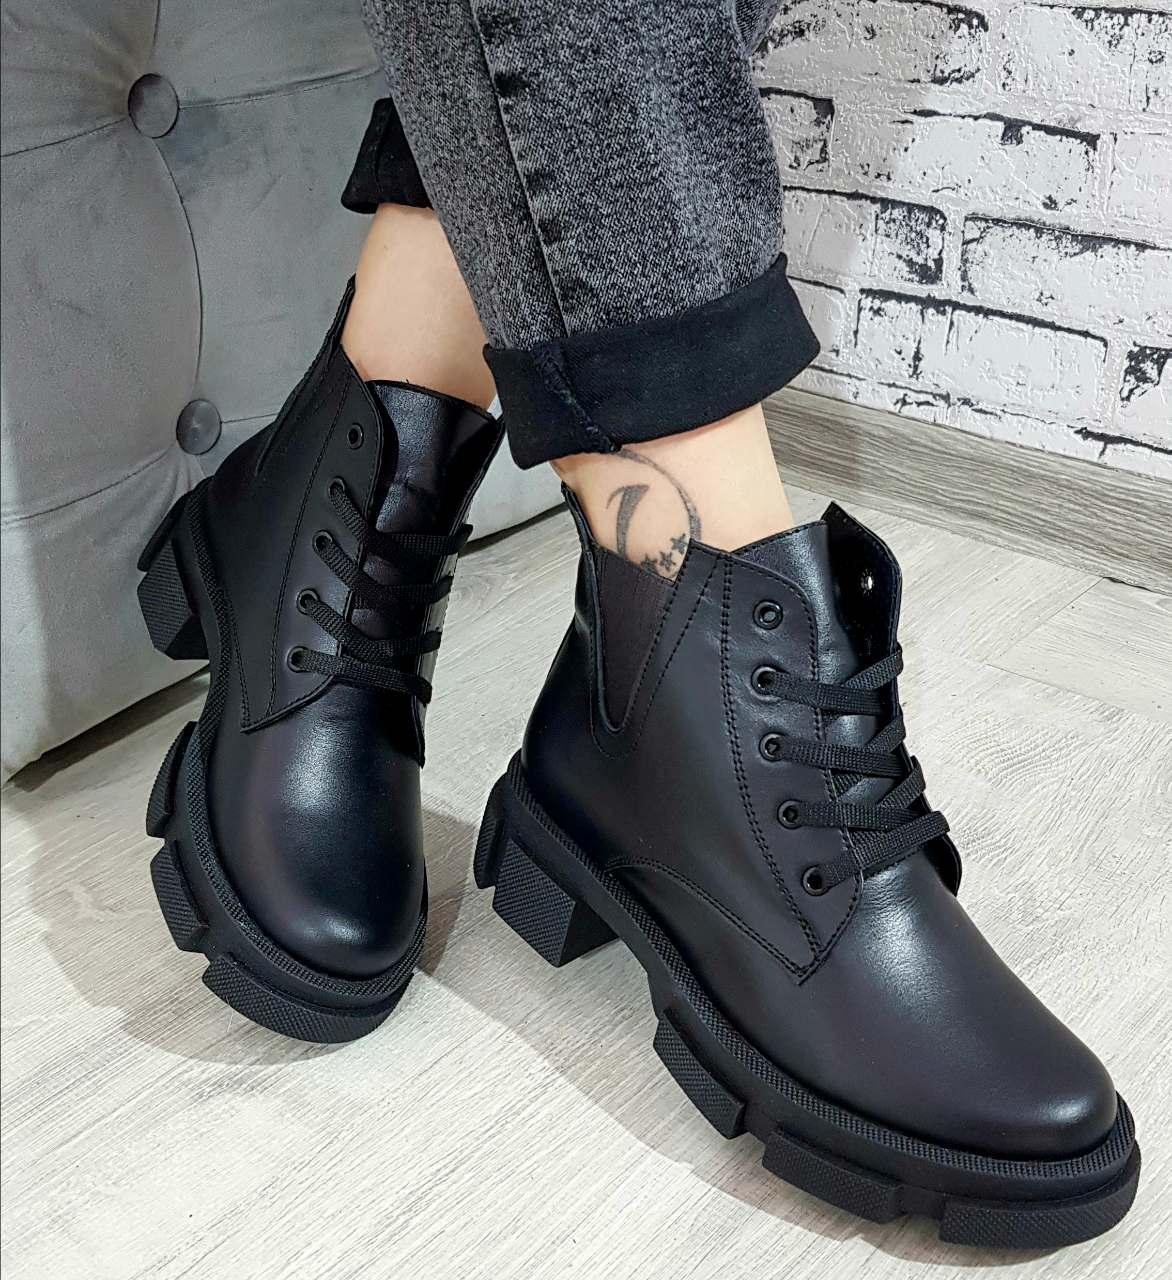 Женские ботинки кожаные осение черные Челси шнурок